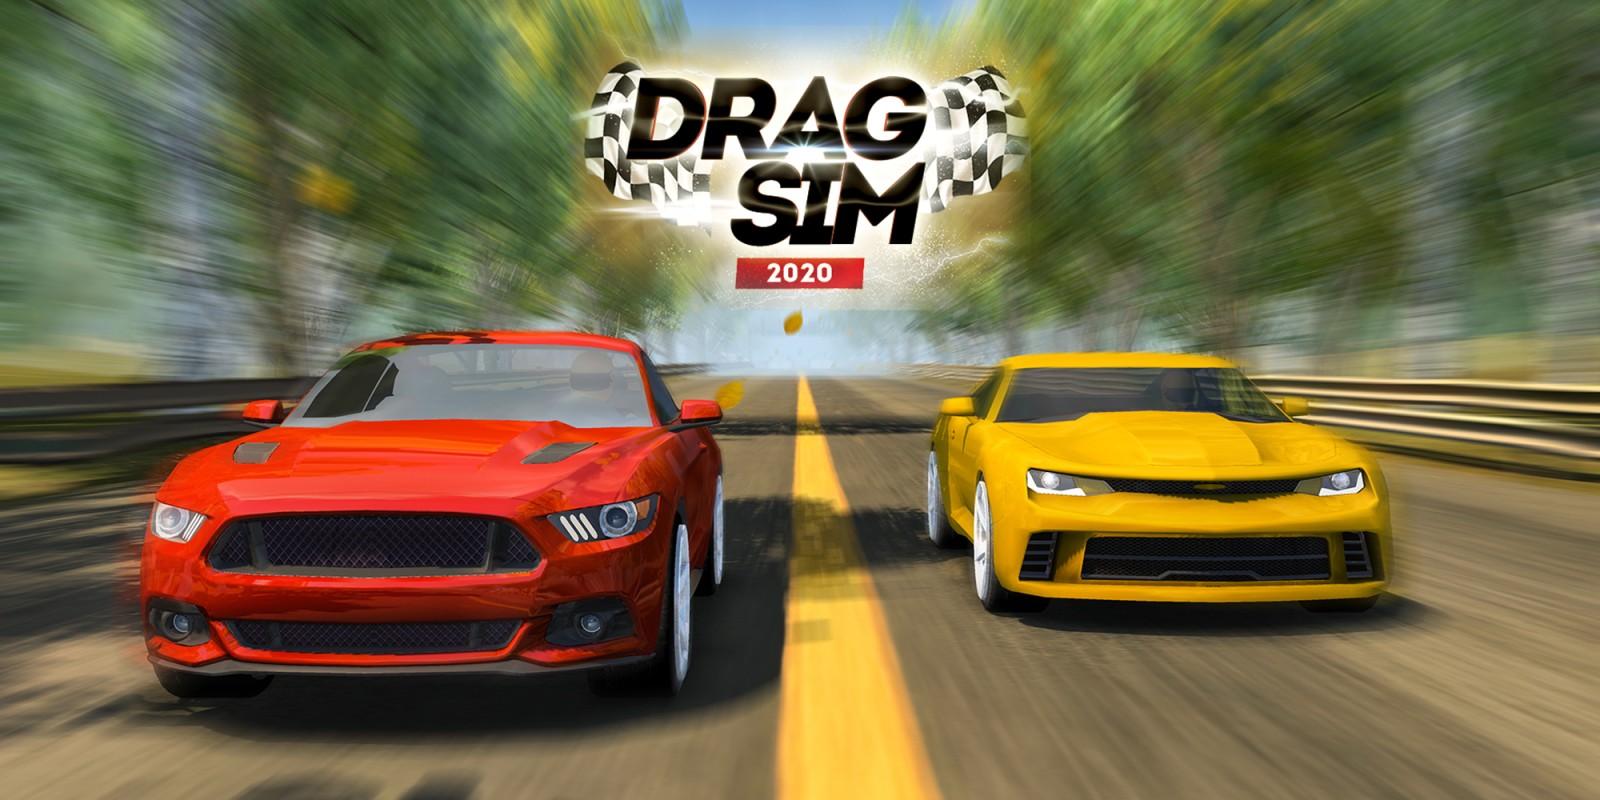 Drag Sim 2020